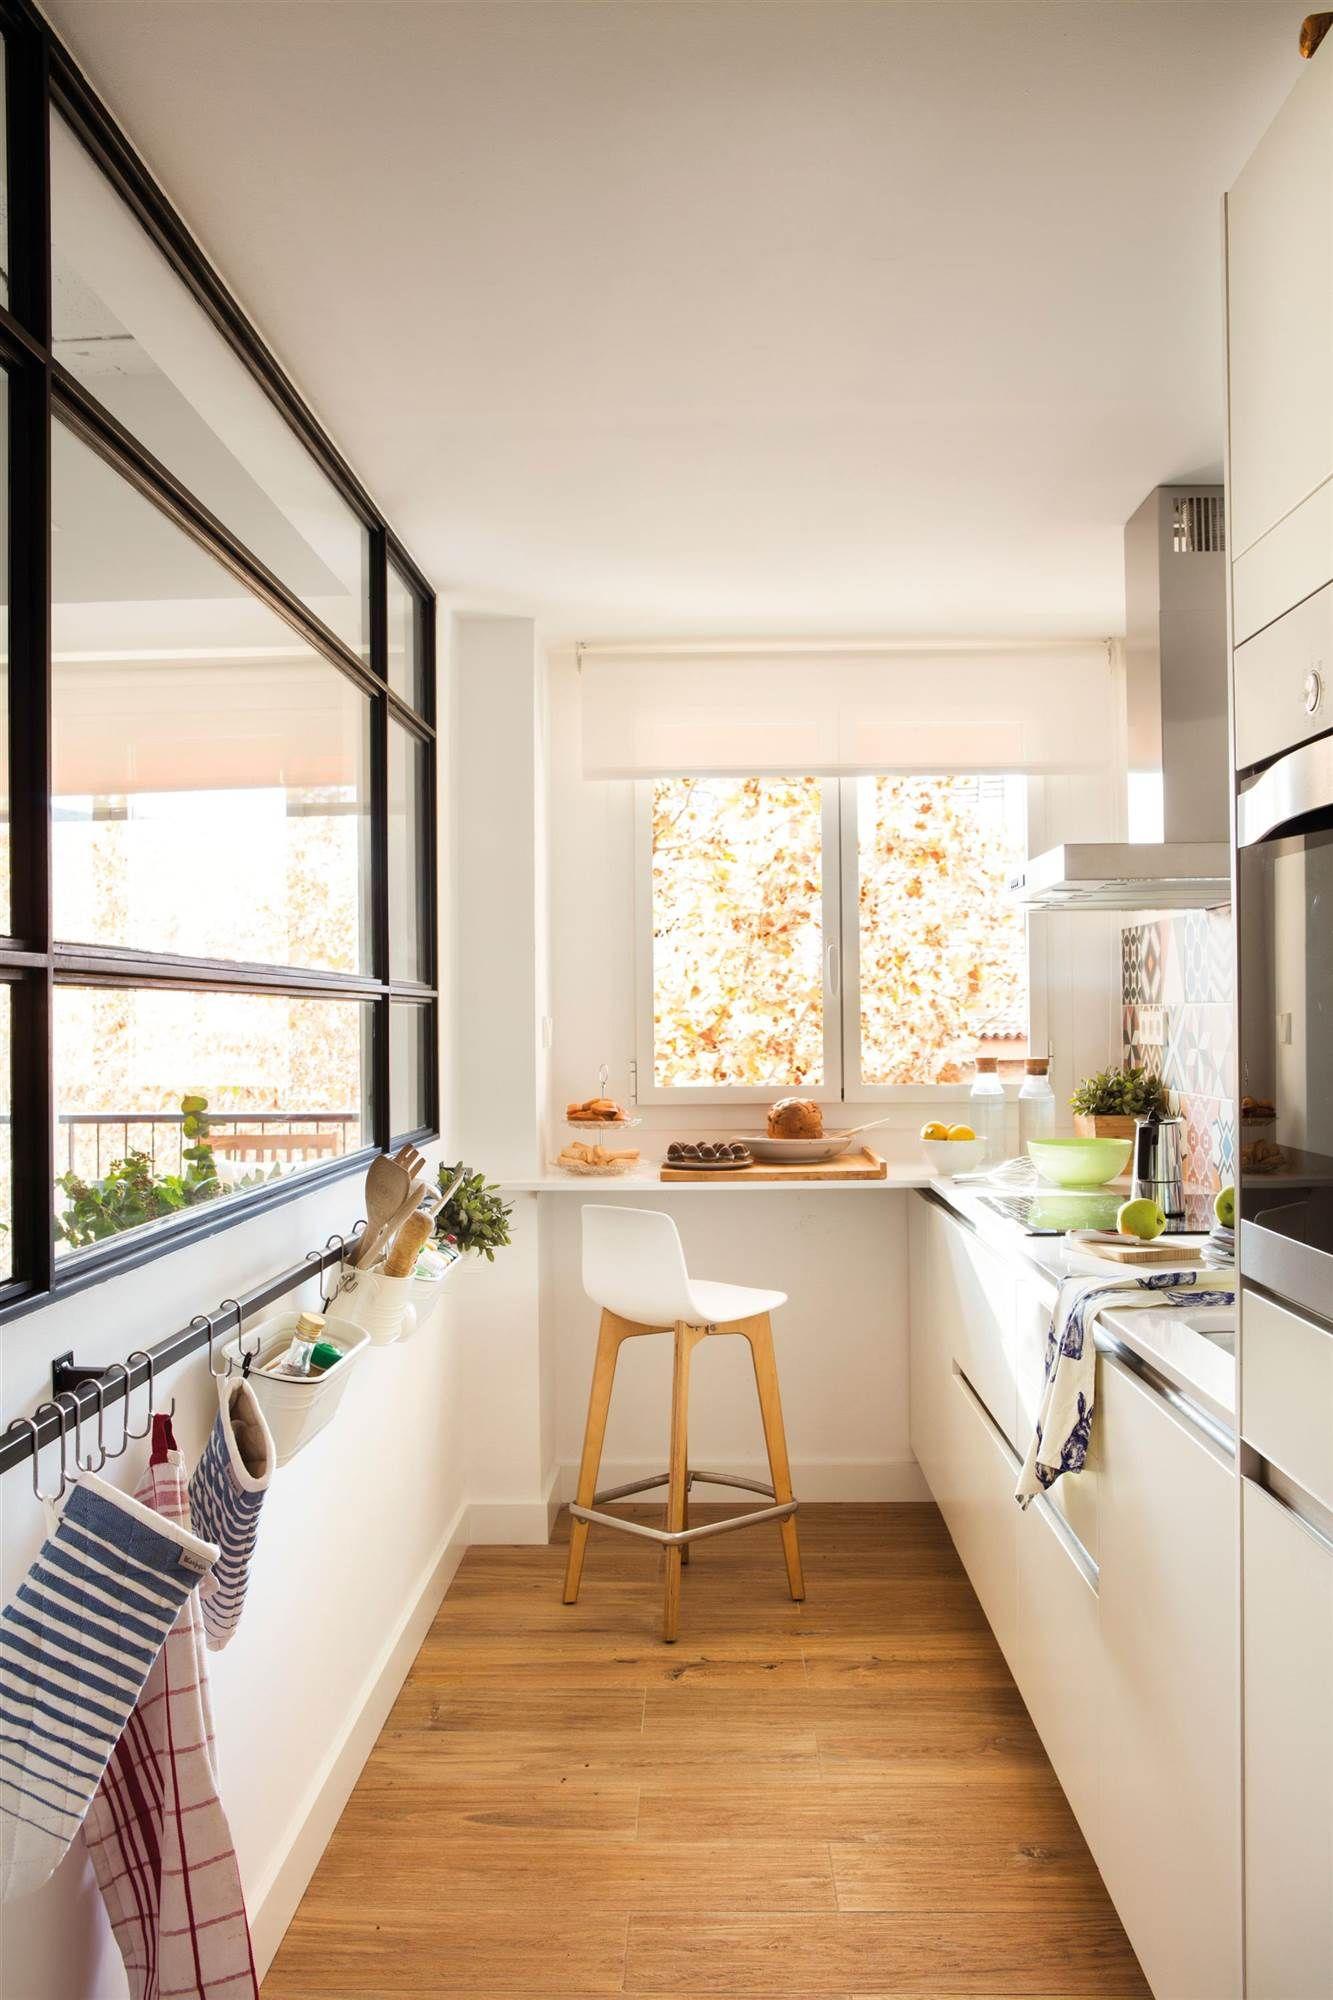 Cocina pequena conectada al salon por muerete de cristal a - Cocina salon separados cristal ...